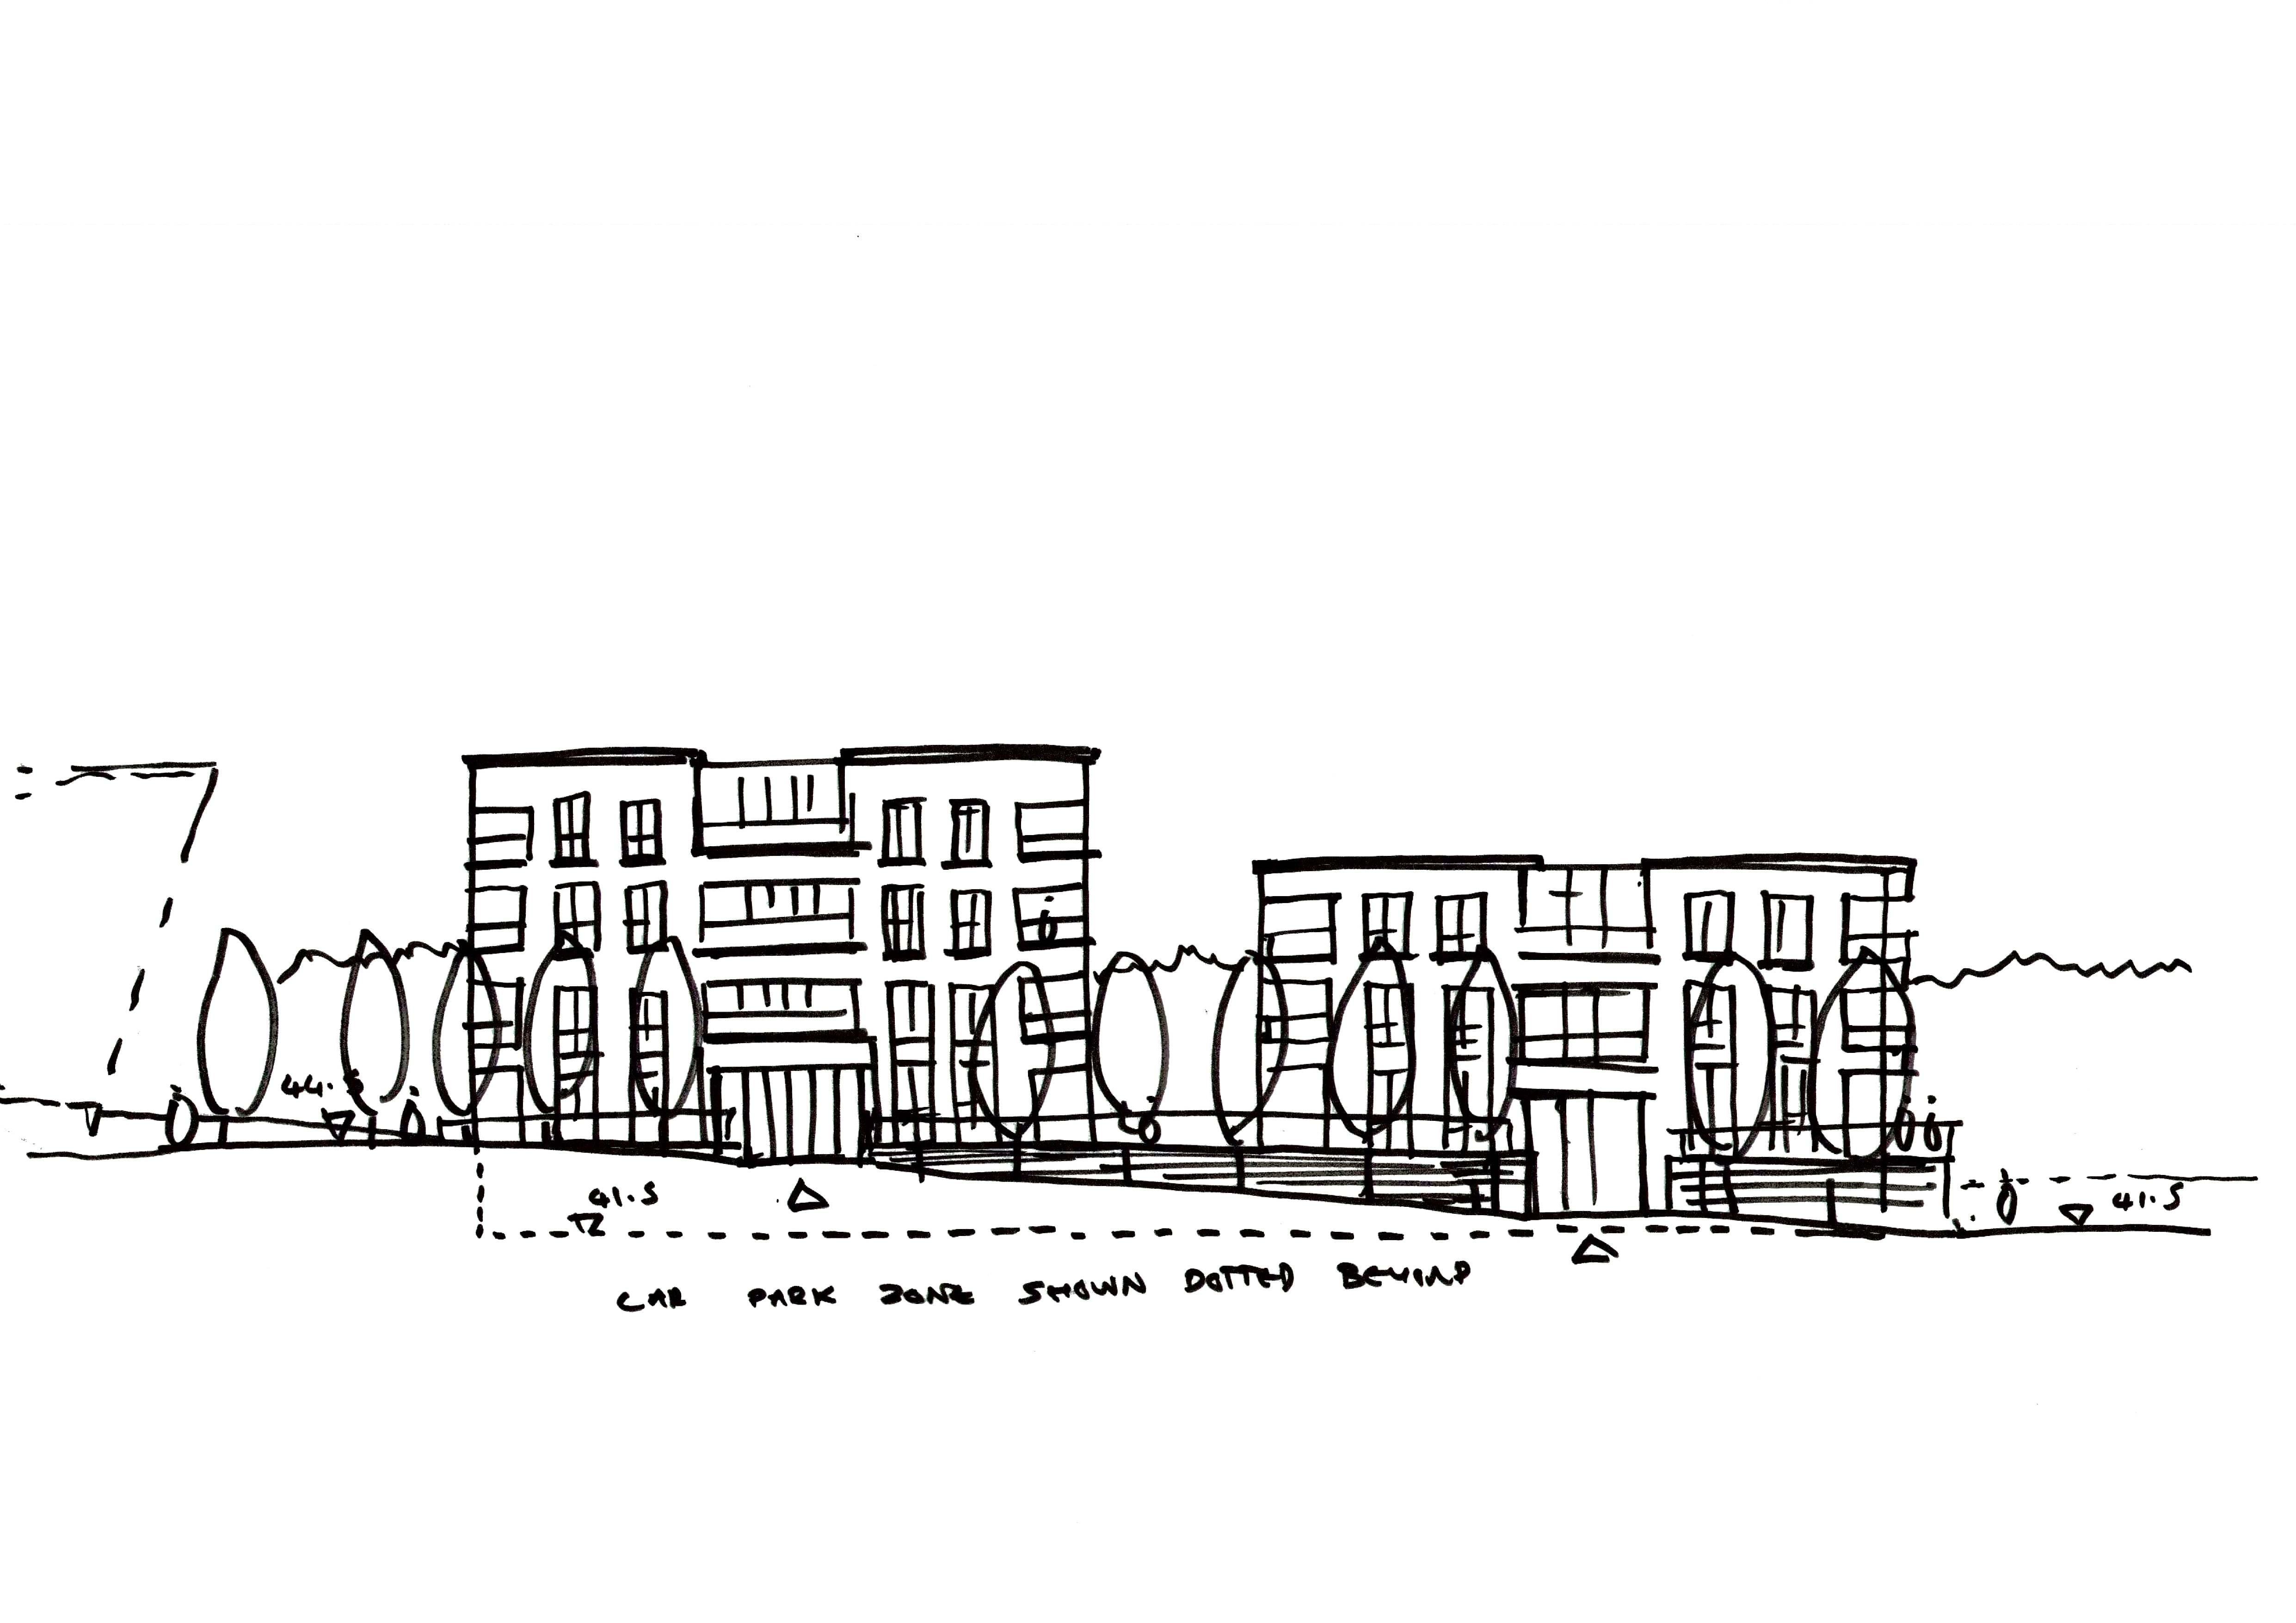 Boulevard Elevation Sketch.jpg